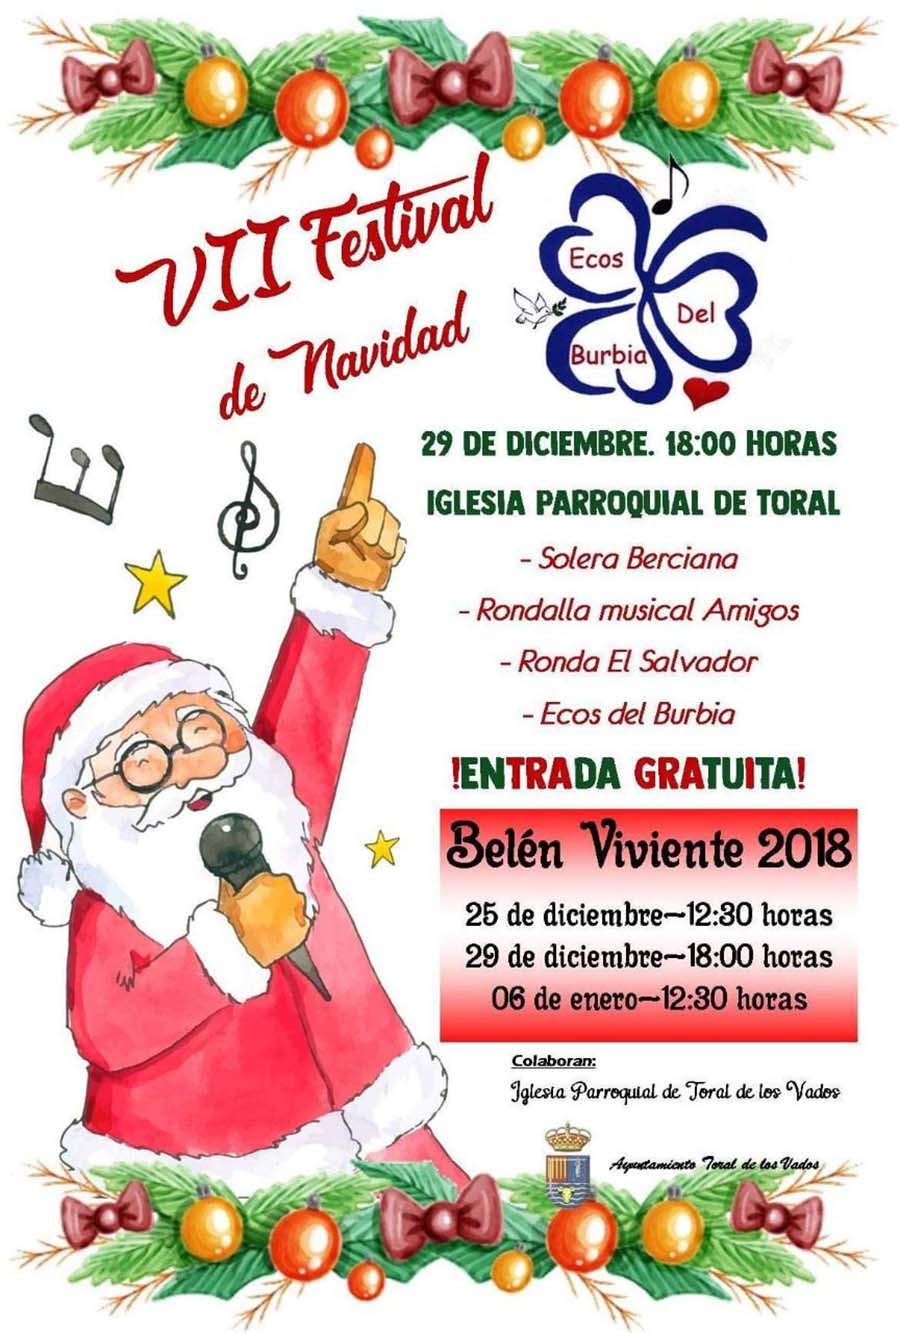 VII festival de navidad de toral de los vados el bierzo